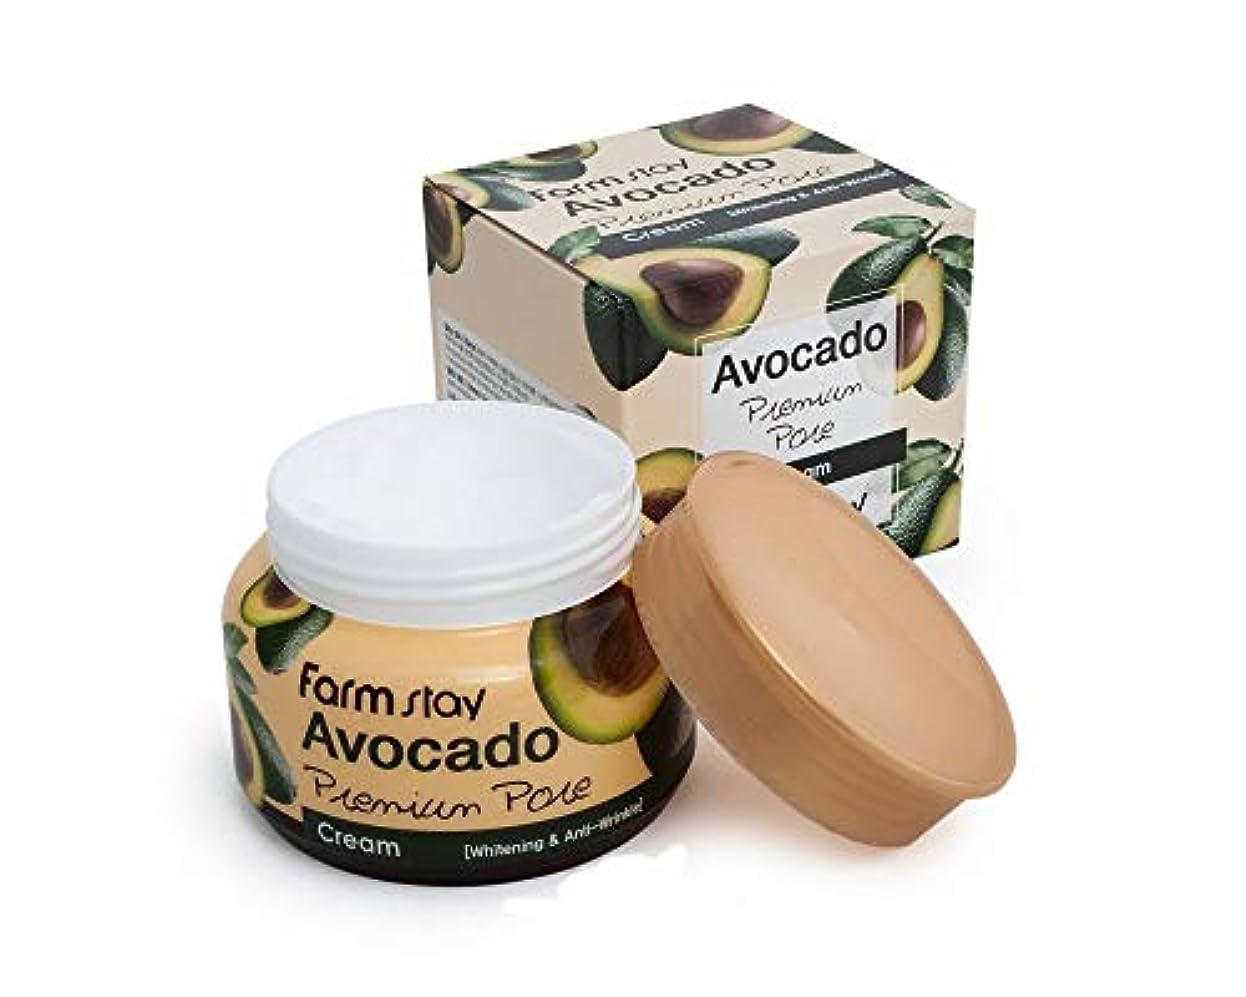 減少メトリック建築ファームステイ[Farm Stay] アボカドプレミアムポアクリーム 100g / Avocado Premium Pore Cream